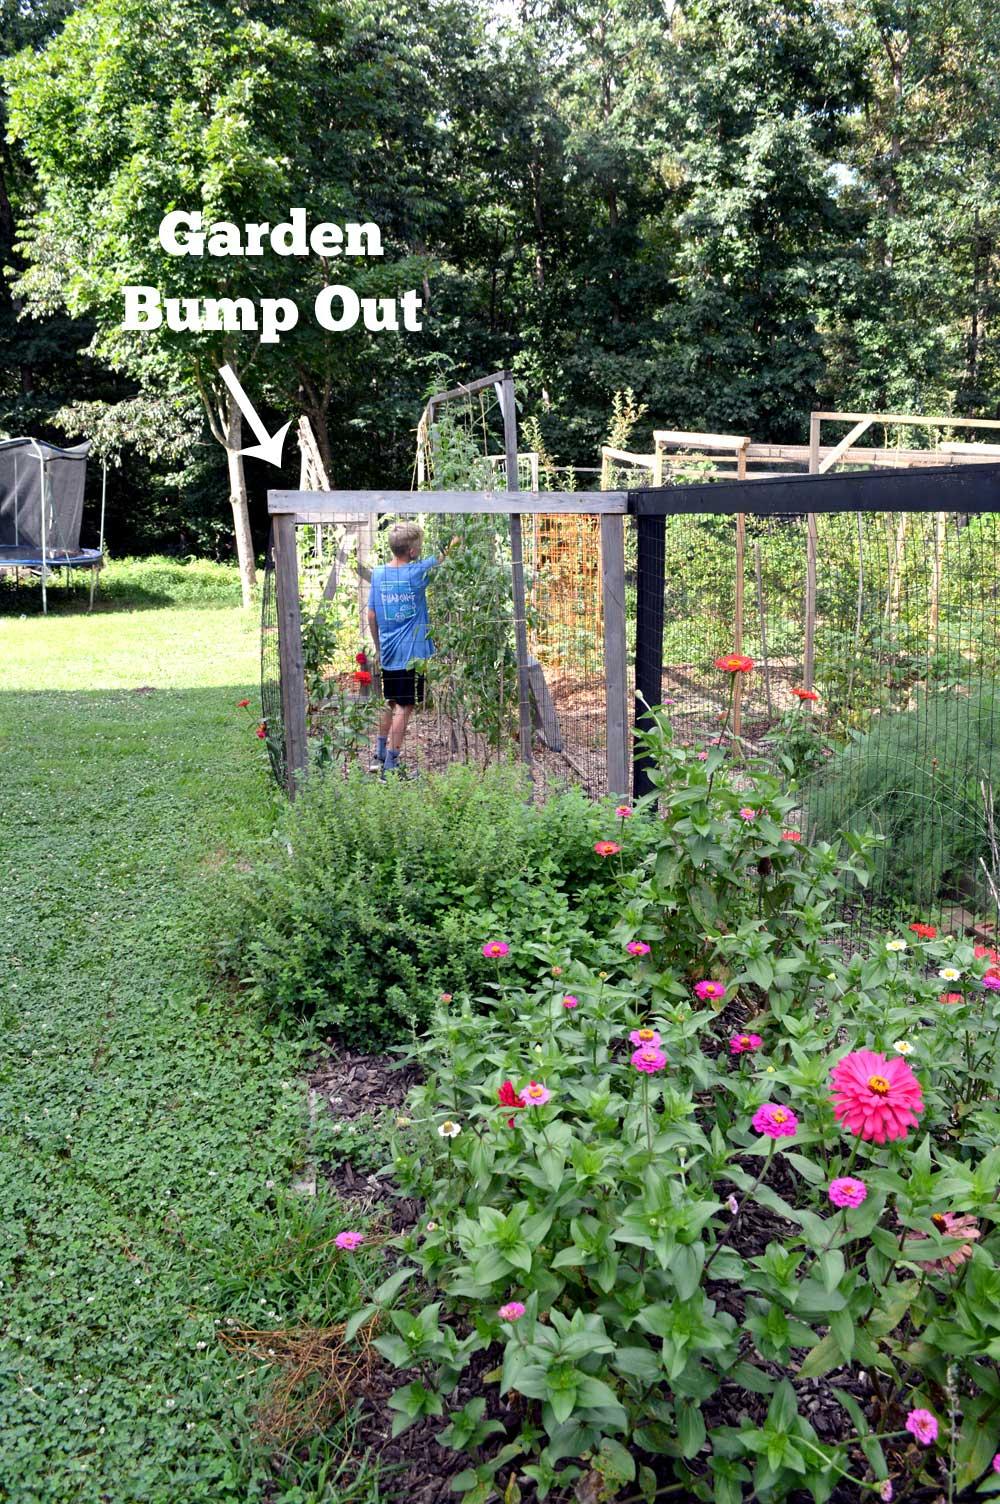 Garden-Bump-Out.jpg